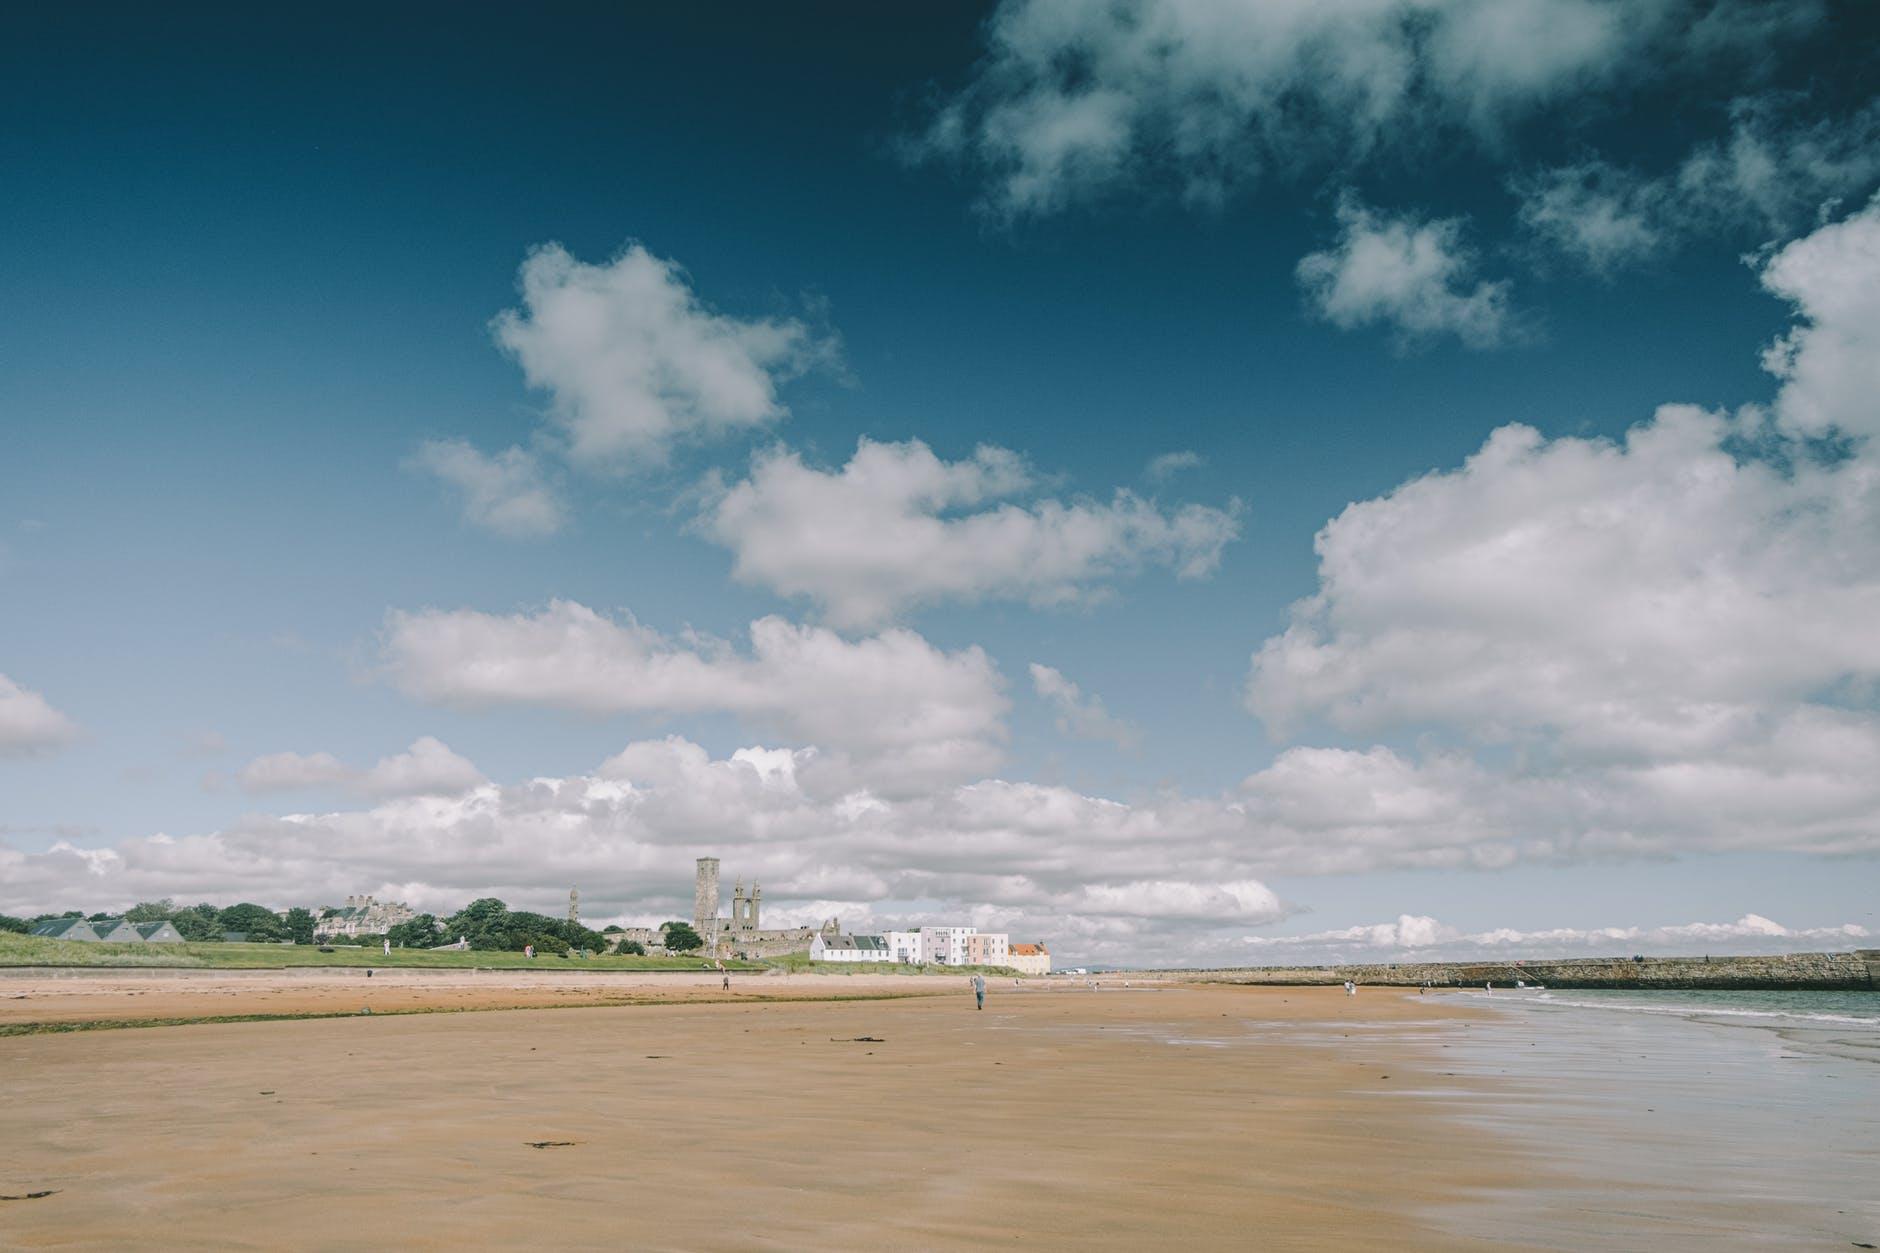 sandy beach near calm river